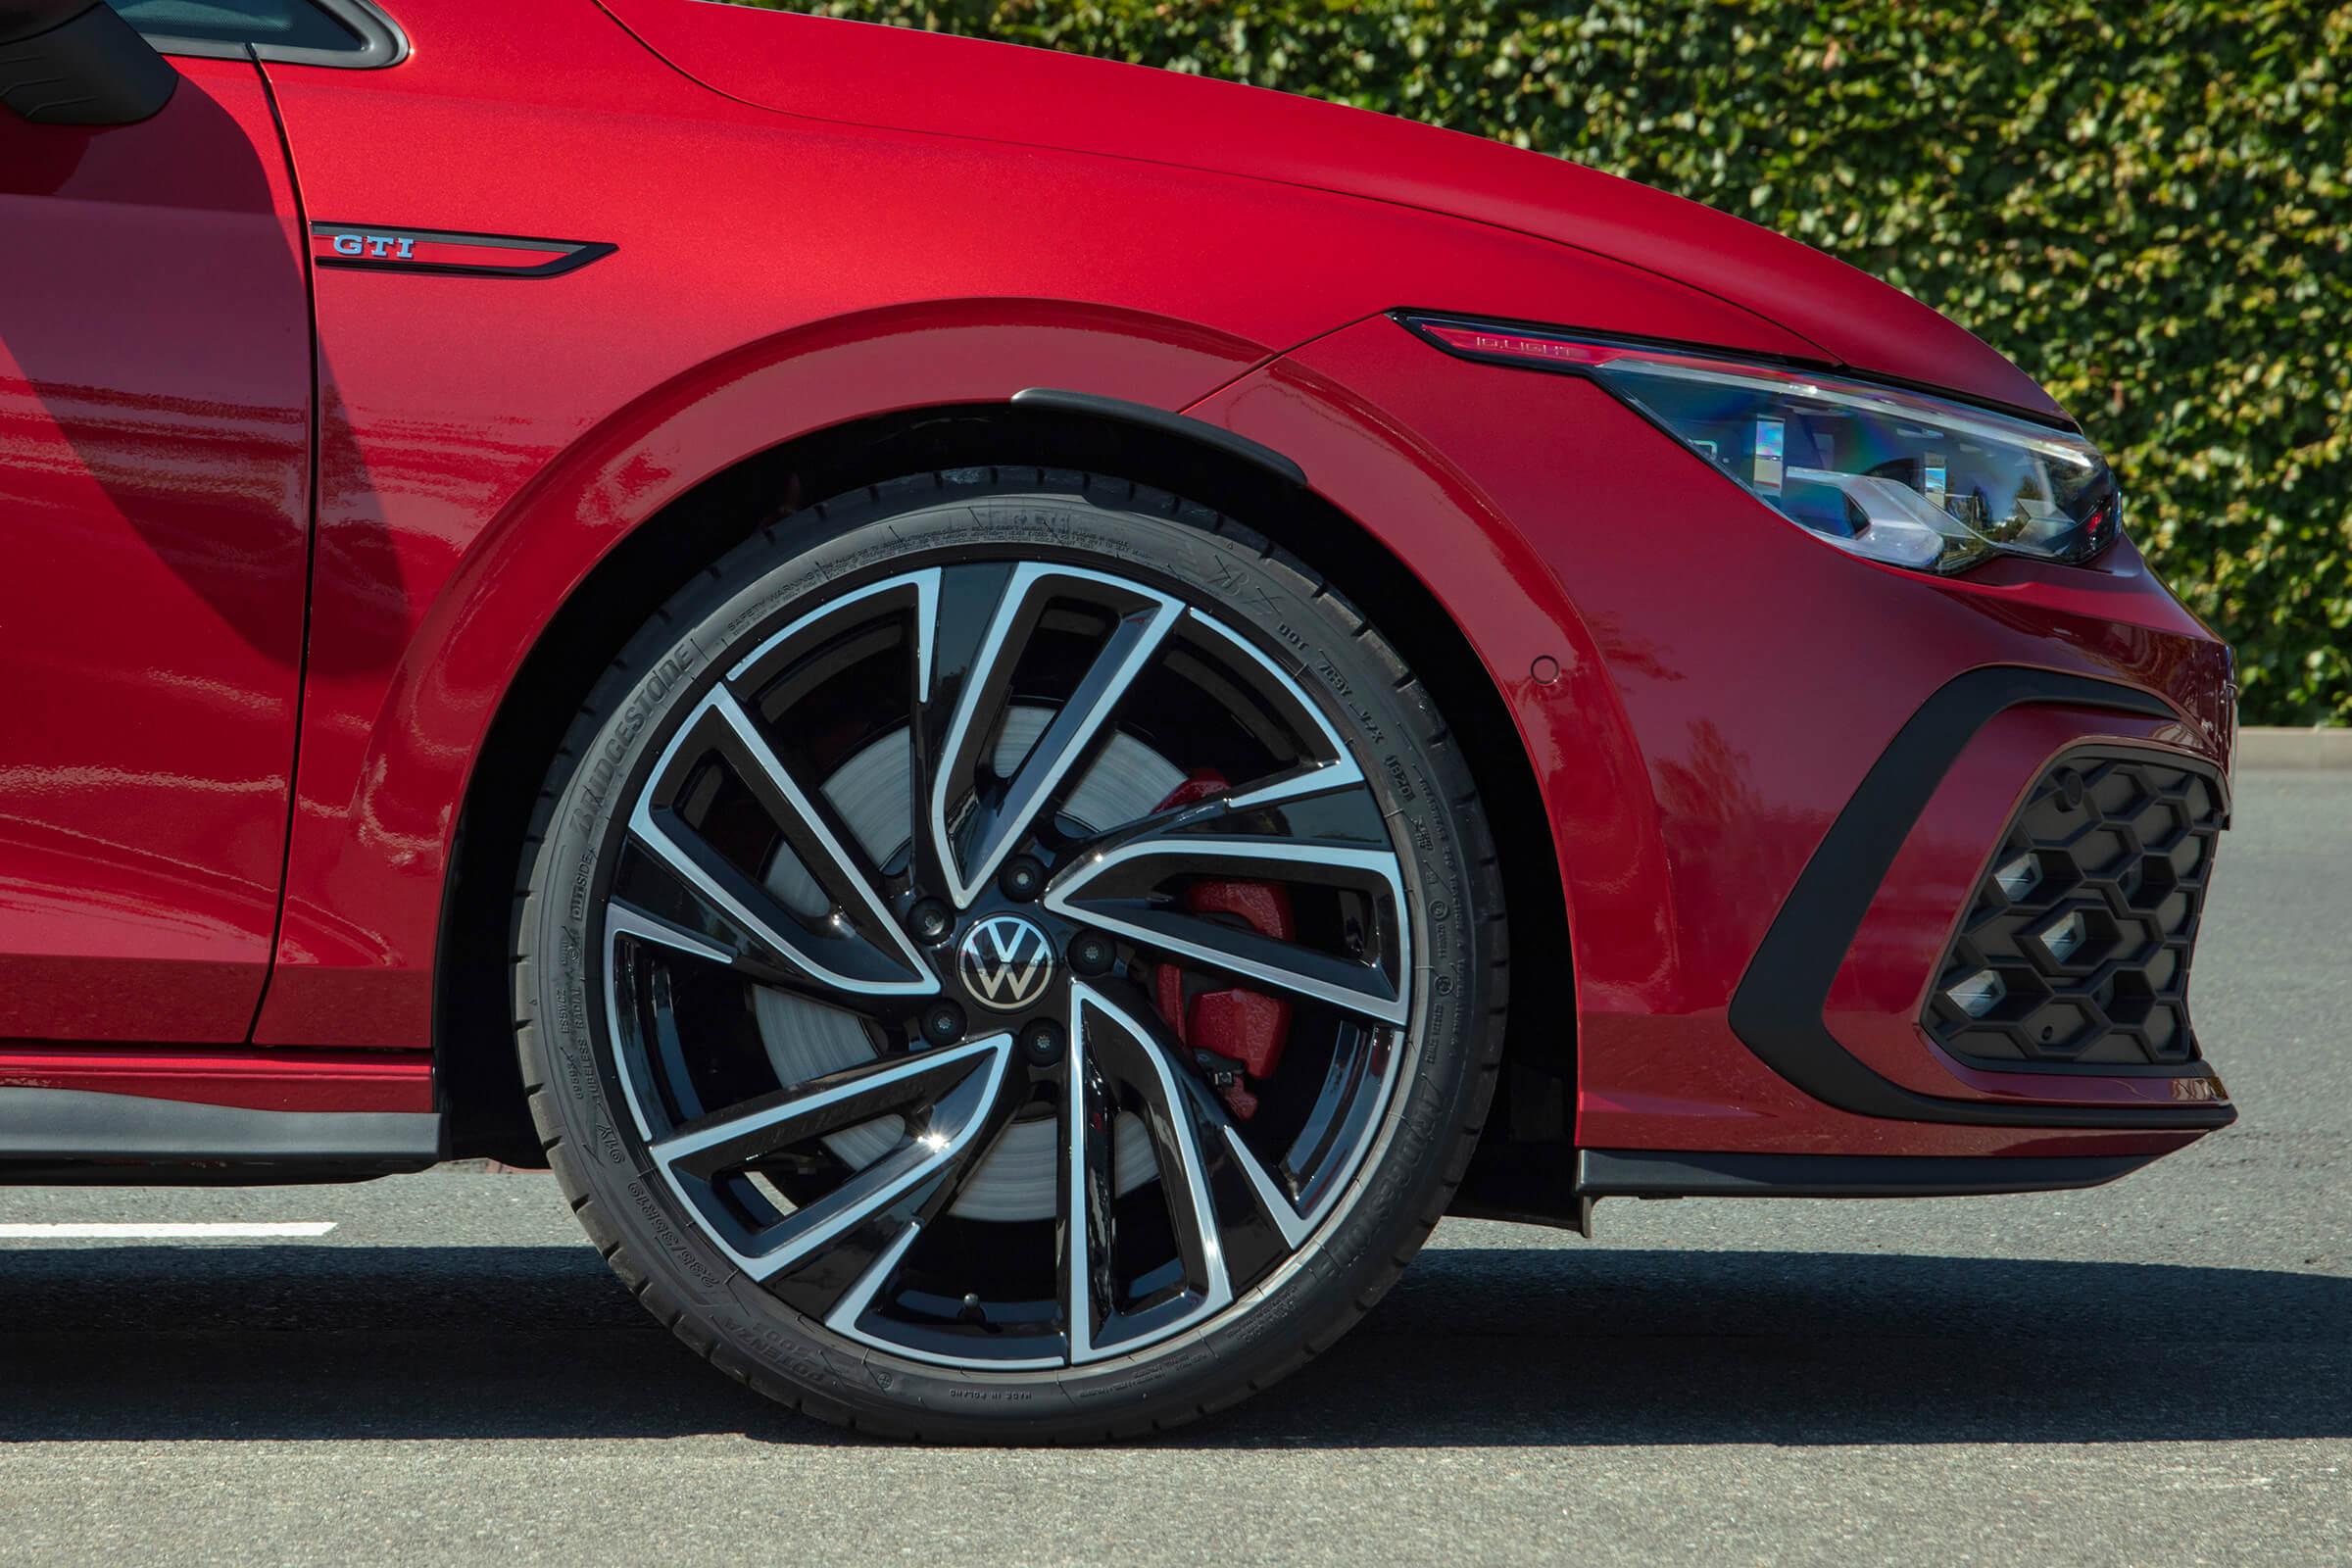 Νέο Volkswagen Golf GTI - Πλαϊνή όψη